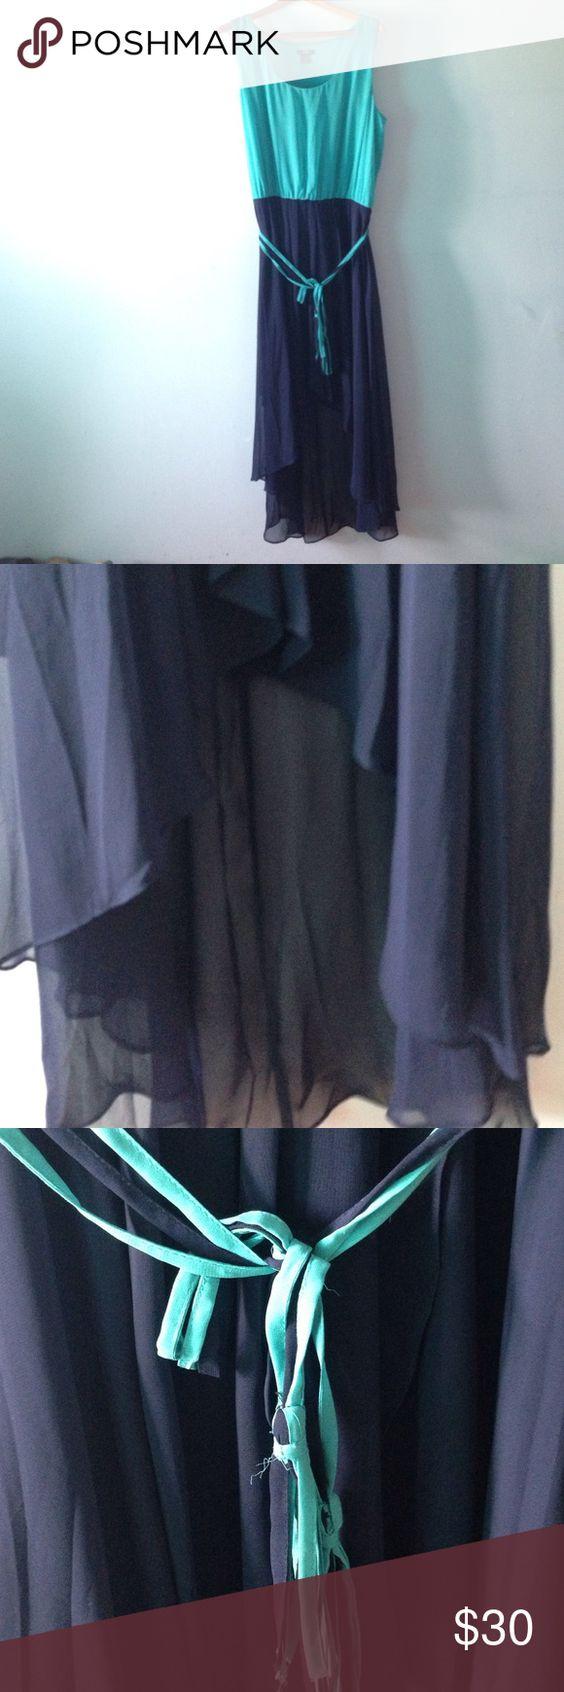 Teal and blue maxi dress Teal and blue maxi dress Dresses Maxi